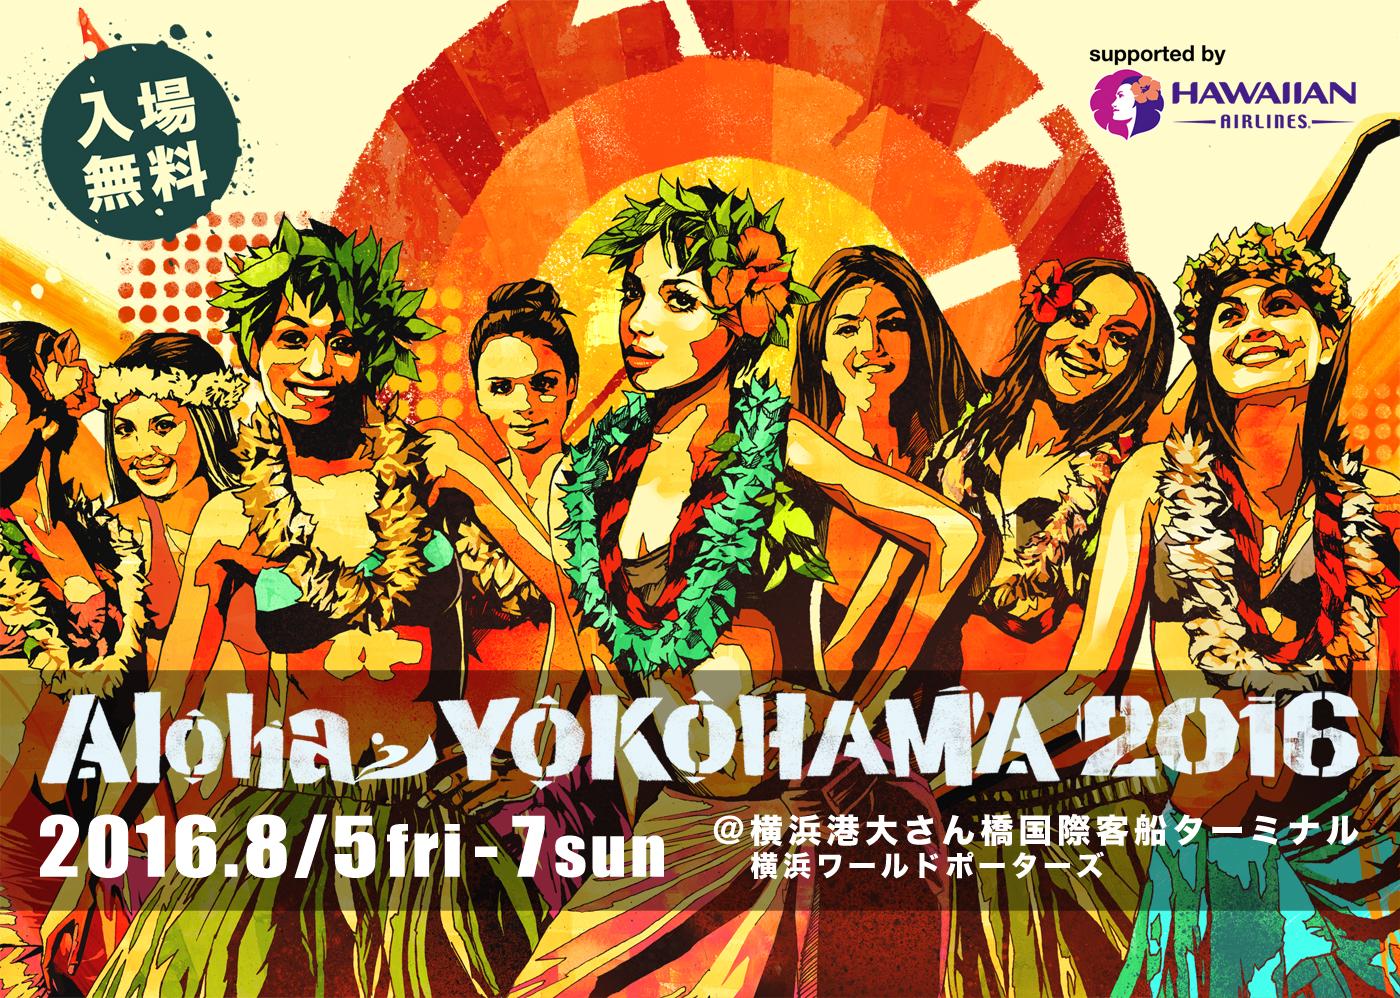 来週末 8/5.6.7日は横浜でハワイでに行こう!アロハヨコハマ2016 開催!GONAMINORI ブースも出展!